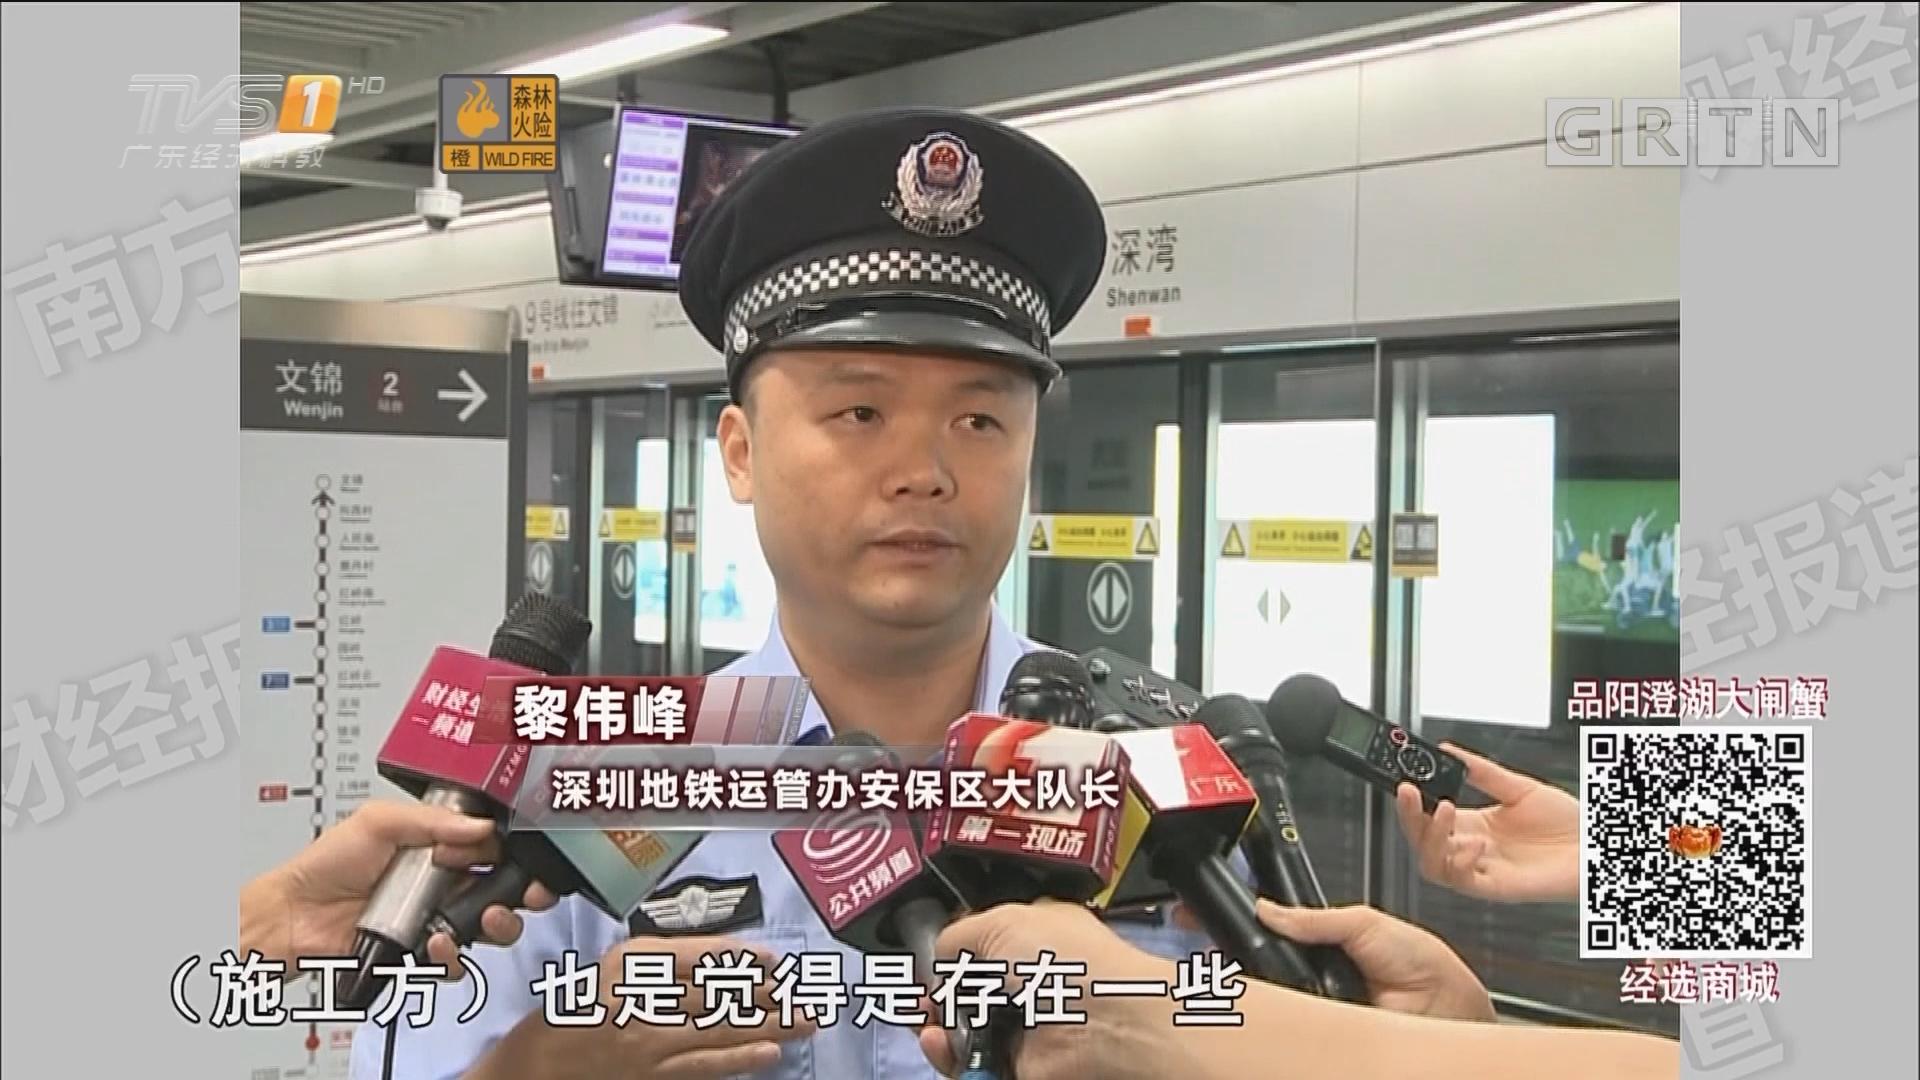 追踪:深圳地铁隧道被击穿 疑为租户违规钻孔